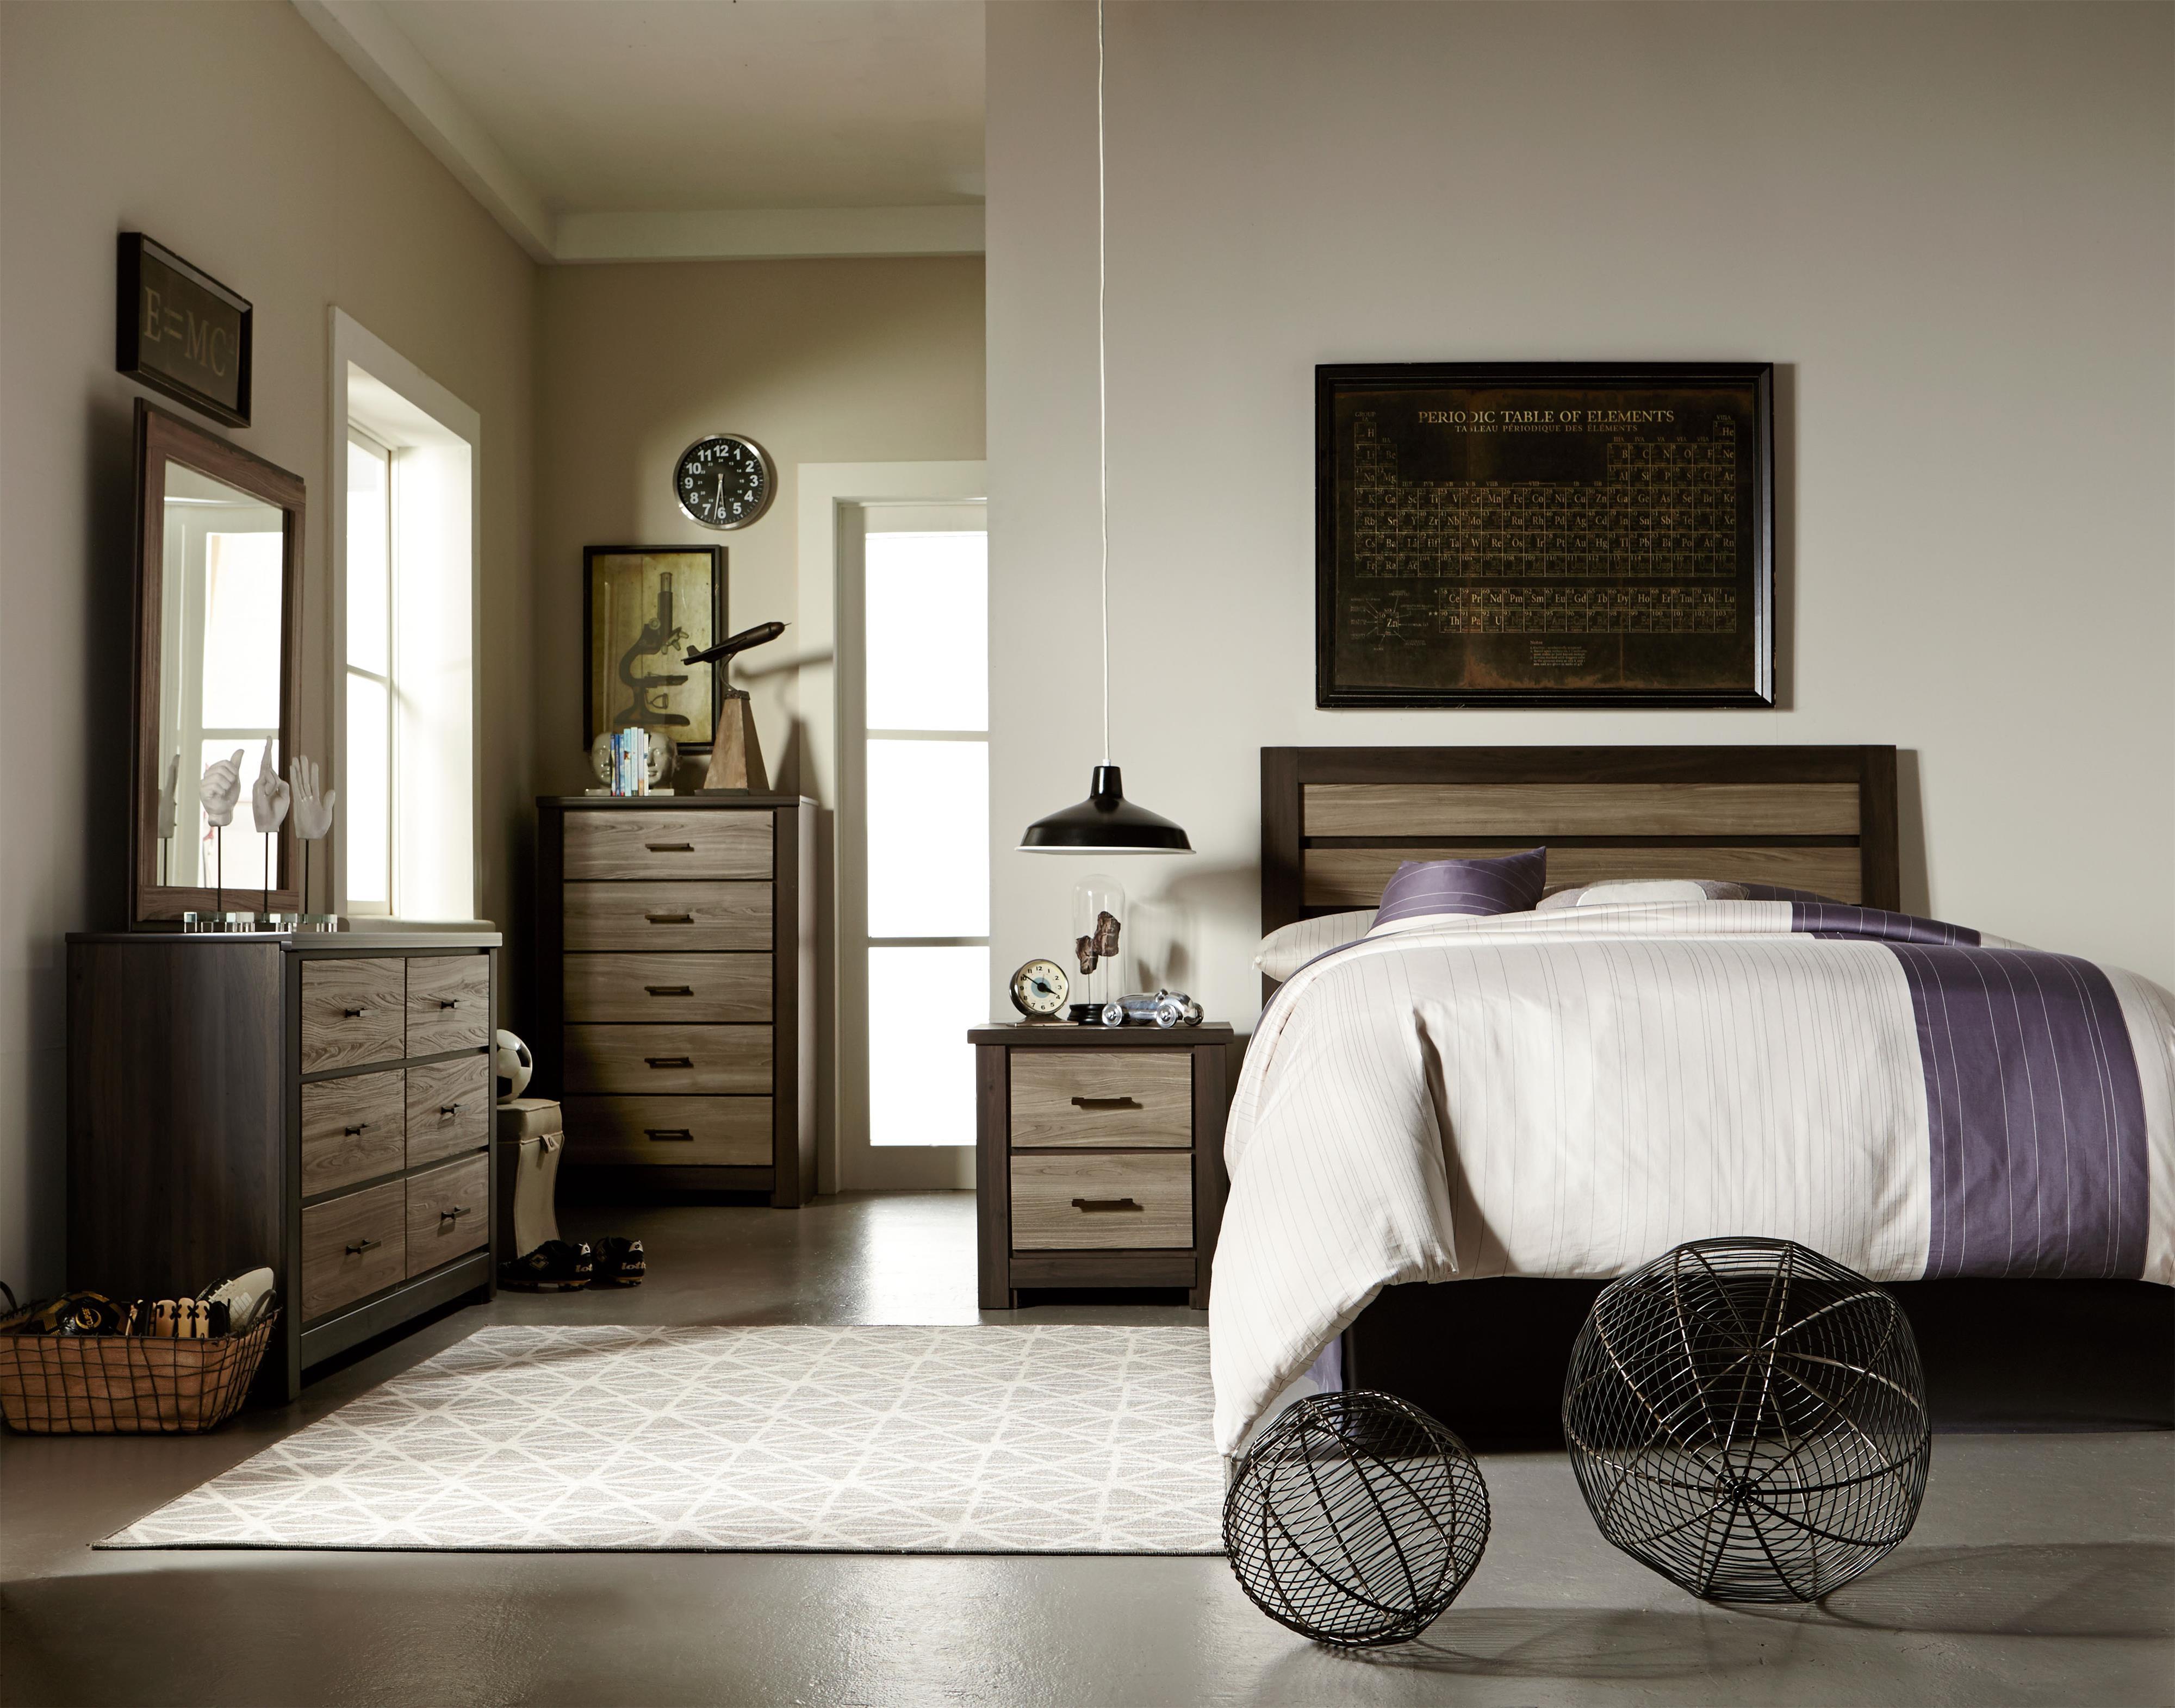 Standard Furniture Oakland Twin Bedroom Group - Item Number: 69700 T Bedroom Group 5